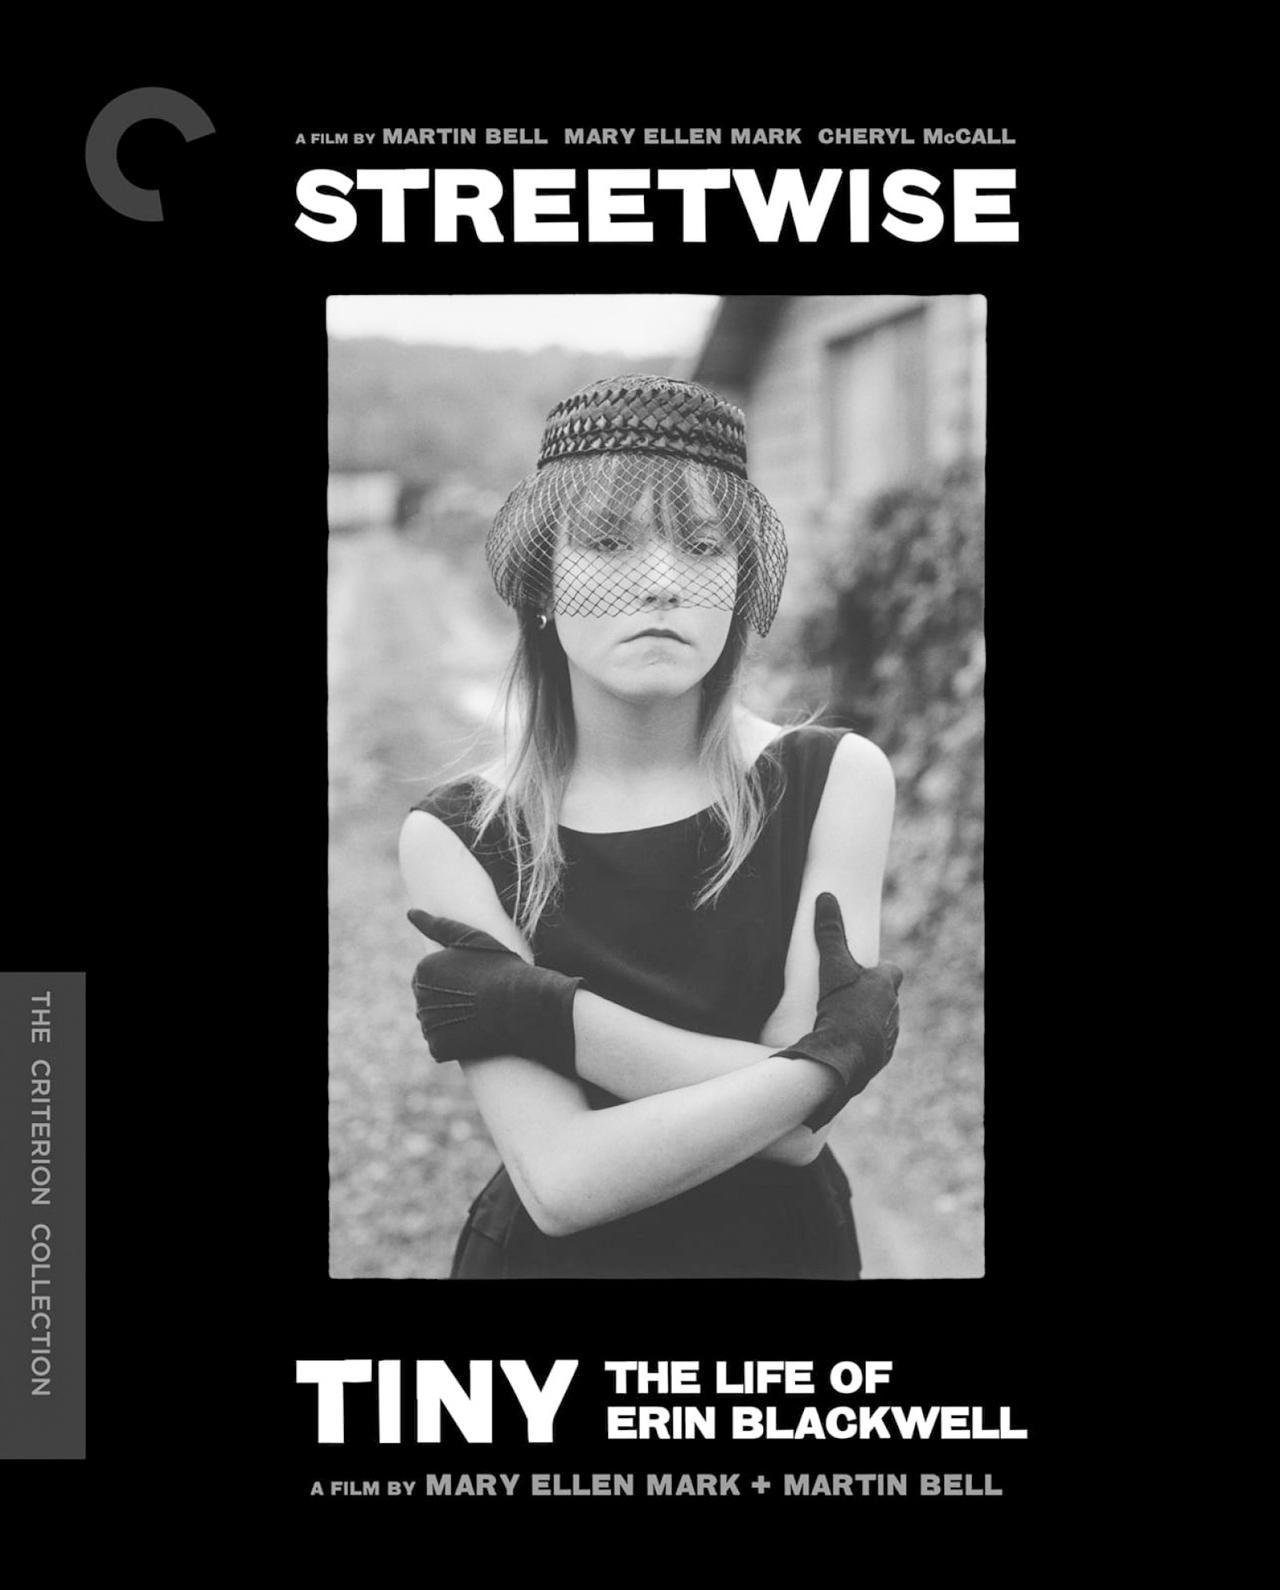 画像: 子供たちをよろしく/TINY: THE LIFE OF ERIN BLACKWELL 6月15日リリース 1984年/2016年/監督 マーティン・ベル シアトルのストリート・チルドレンの少女ティニー(本名エリン・ブラックウェル)の姿を追ったドキュメンタリー『子供たちをよろしく』と、ティニーのその後の人生を追った続編ドキュメントをカップリング。 New, restored high-definition digital transfers of both films, supervised by director Martin Bell, with uncompressed monaural soundtrack for the Streetwise Blu-ray and 5.1 surround DTS-HD Master Audio soundtrack for the Tiny: The Life of Erin Blackwell